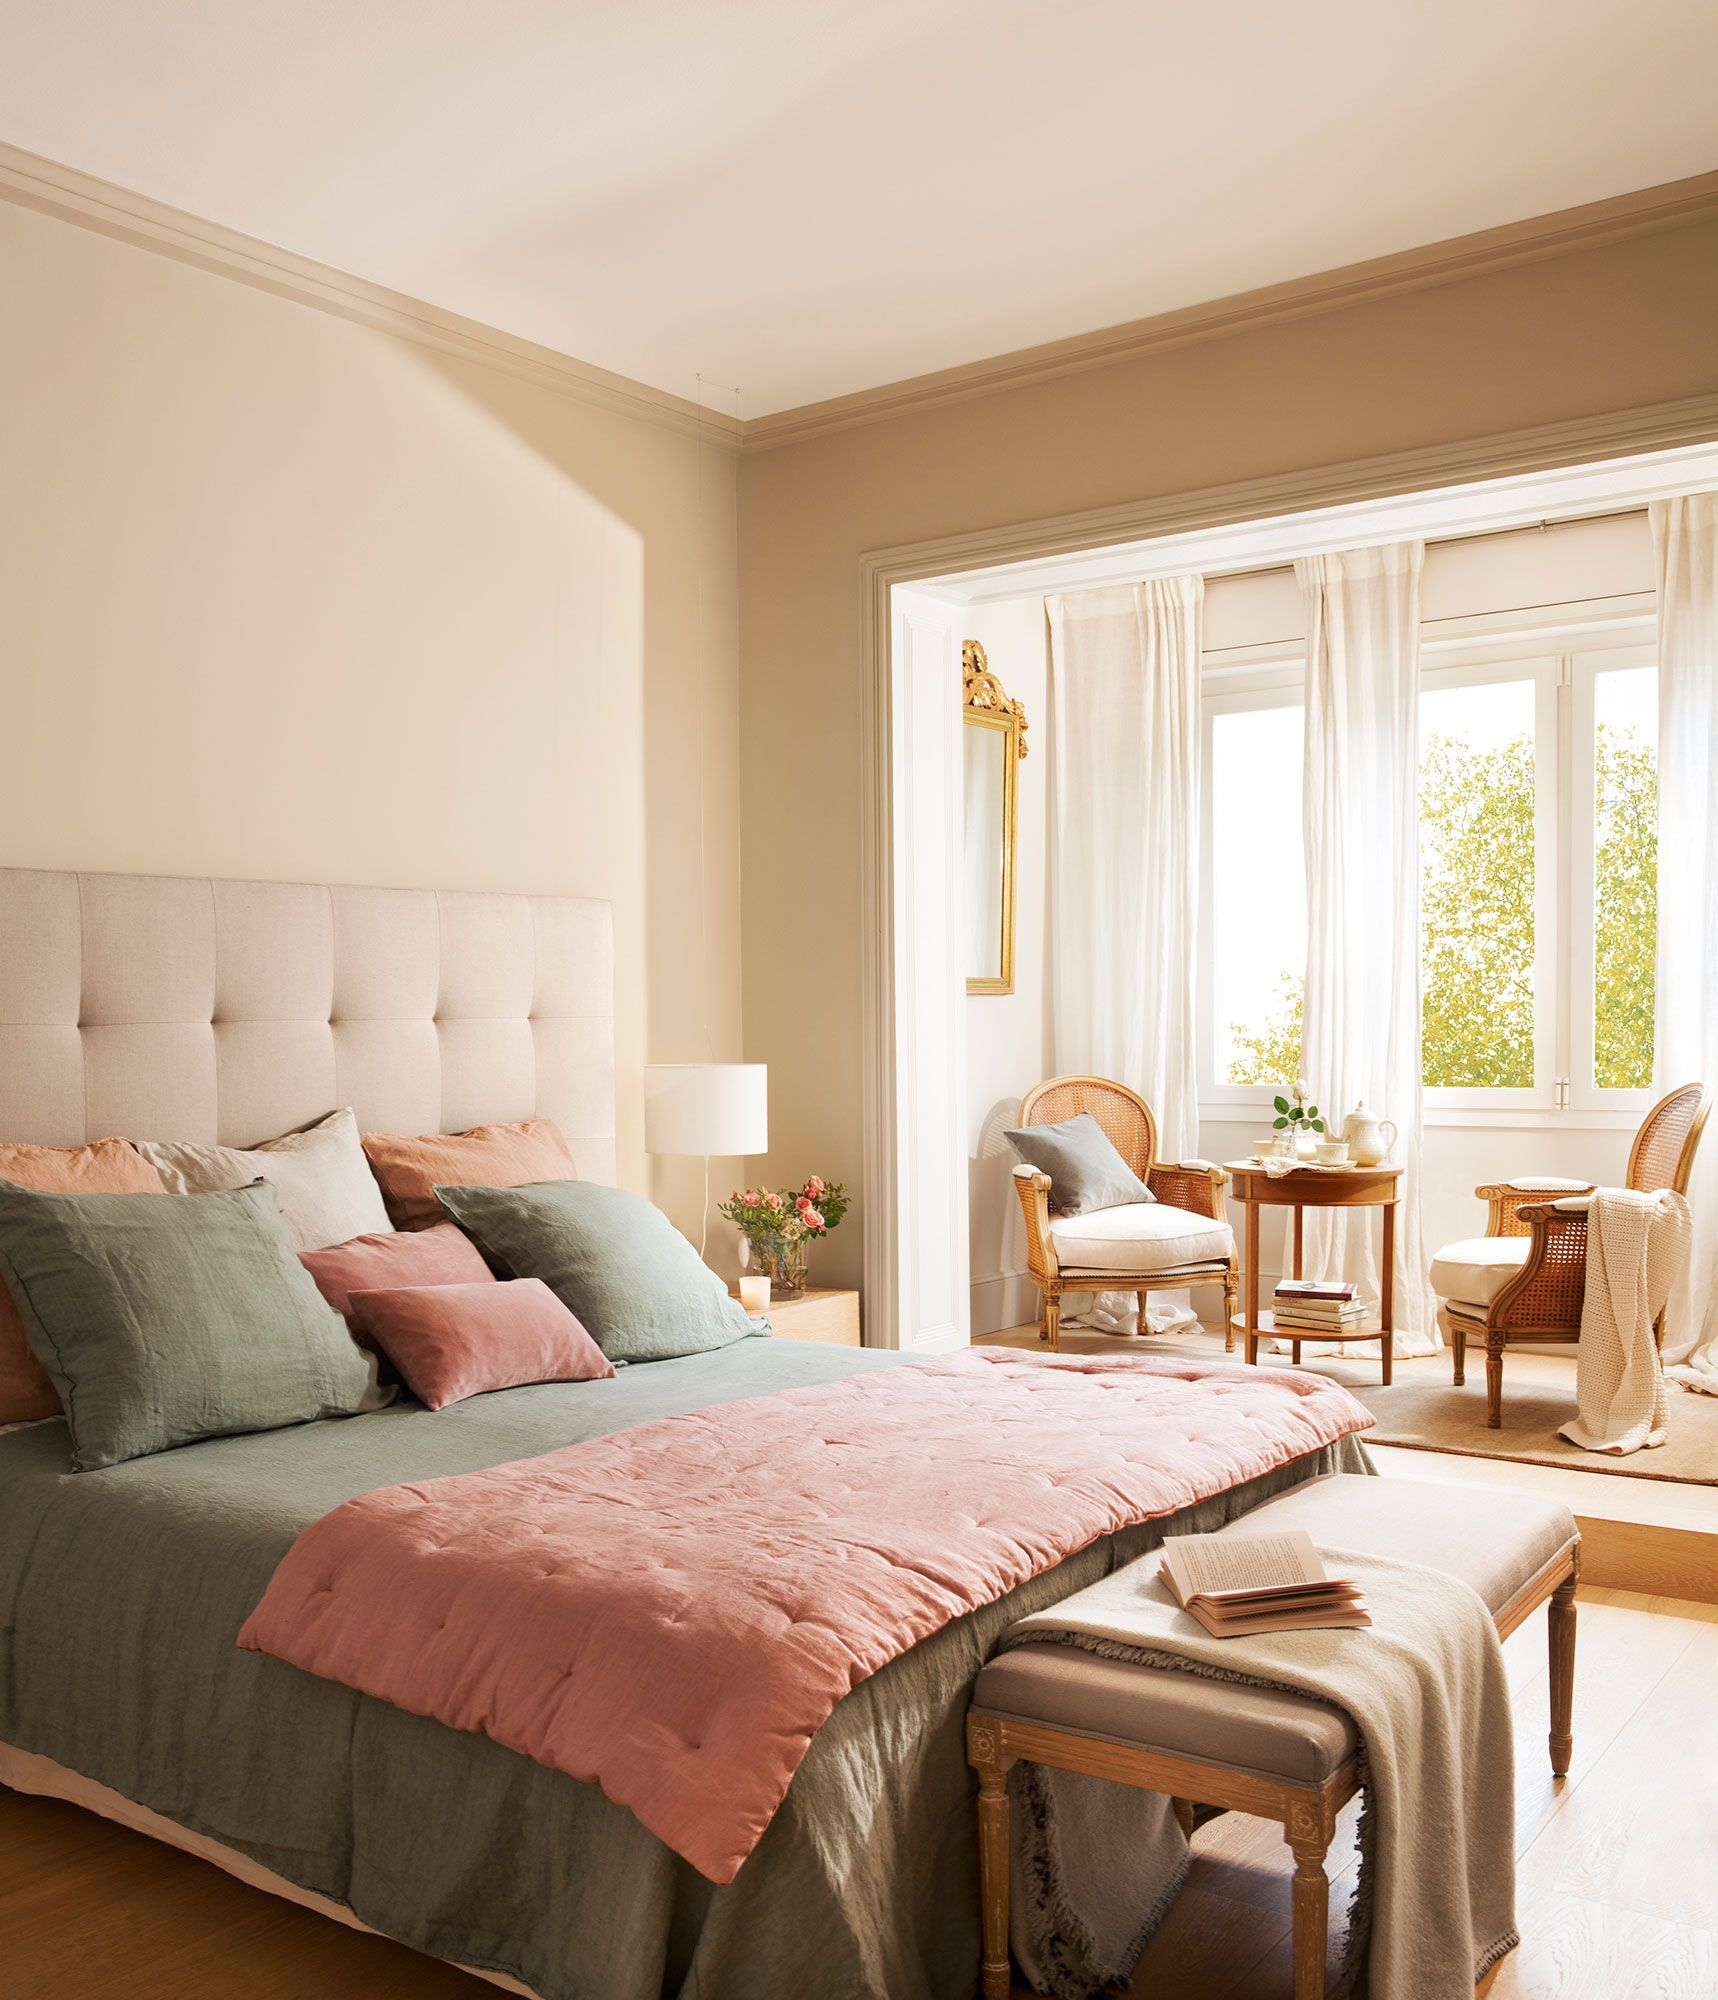 20 dormitorios con muchas ideas pinteres - Decoracion de habitaciones con fotos ...